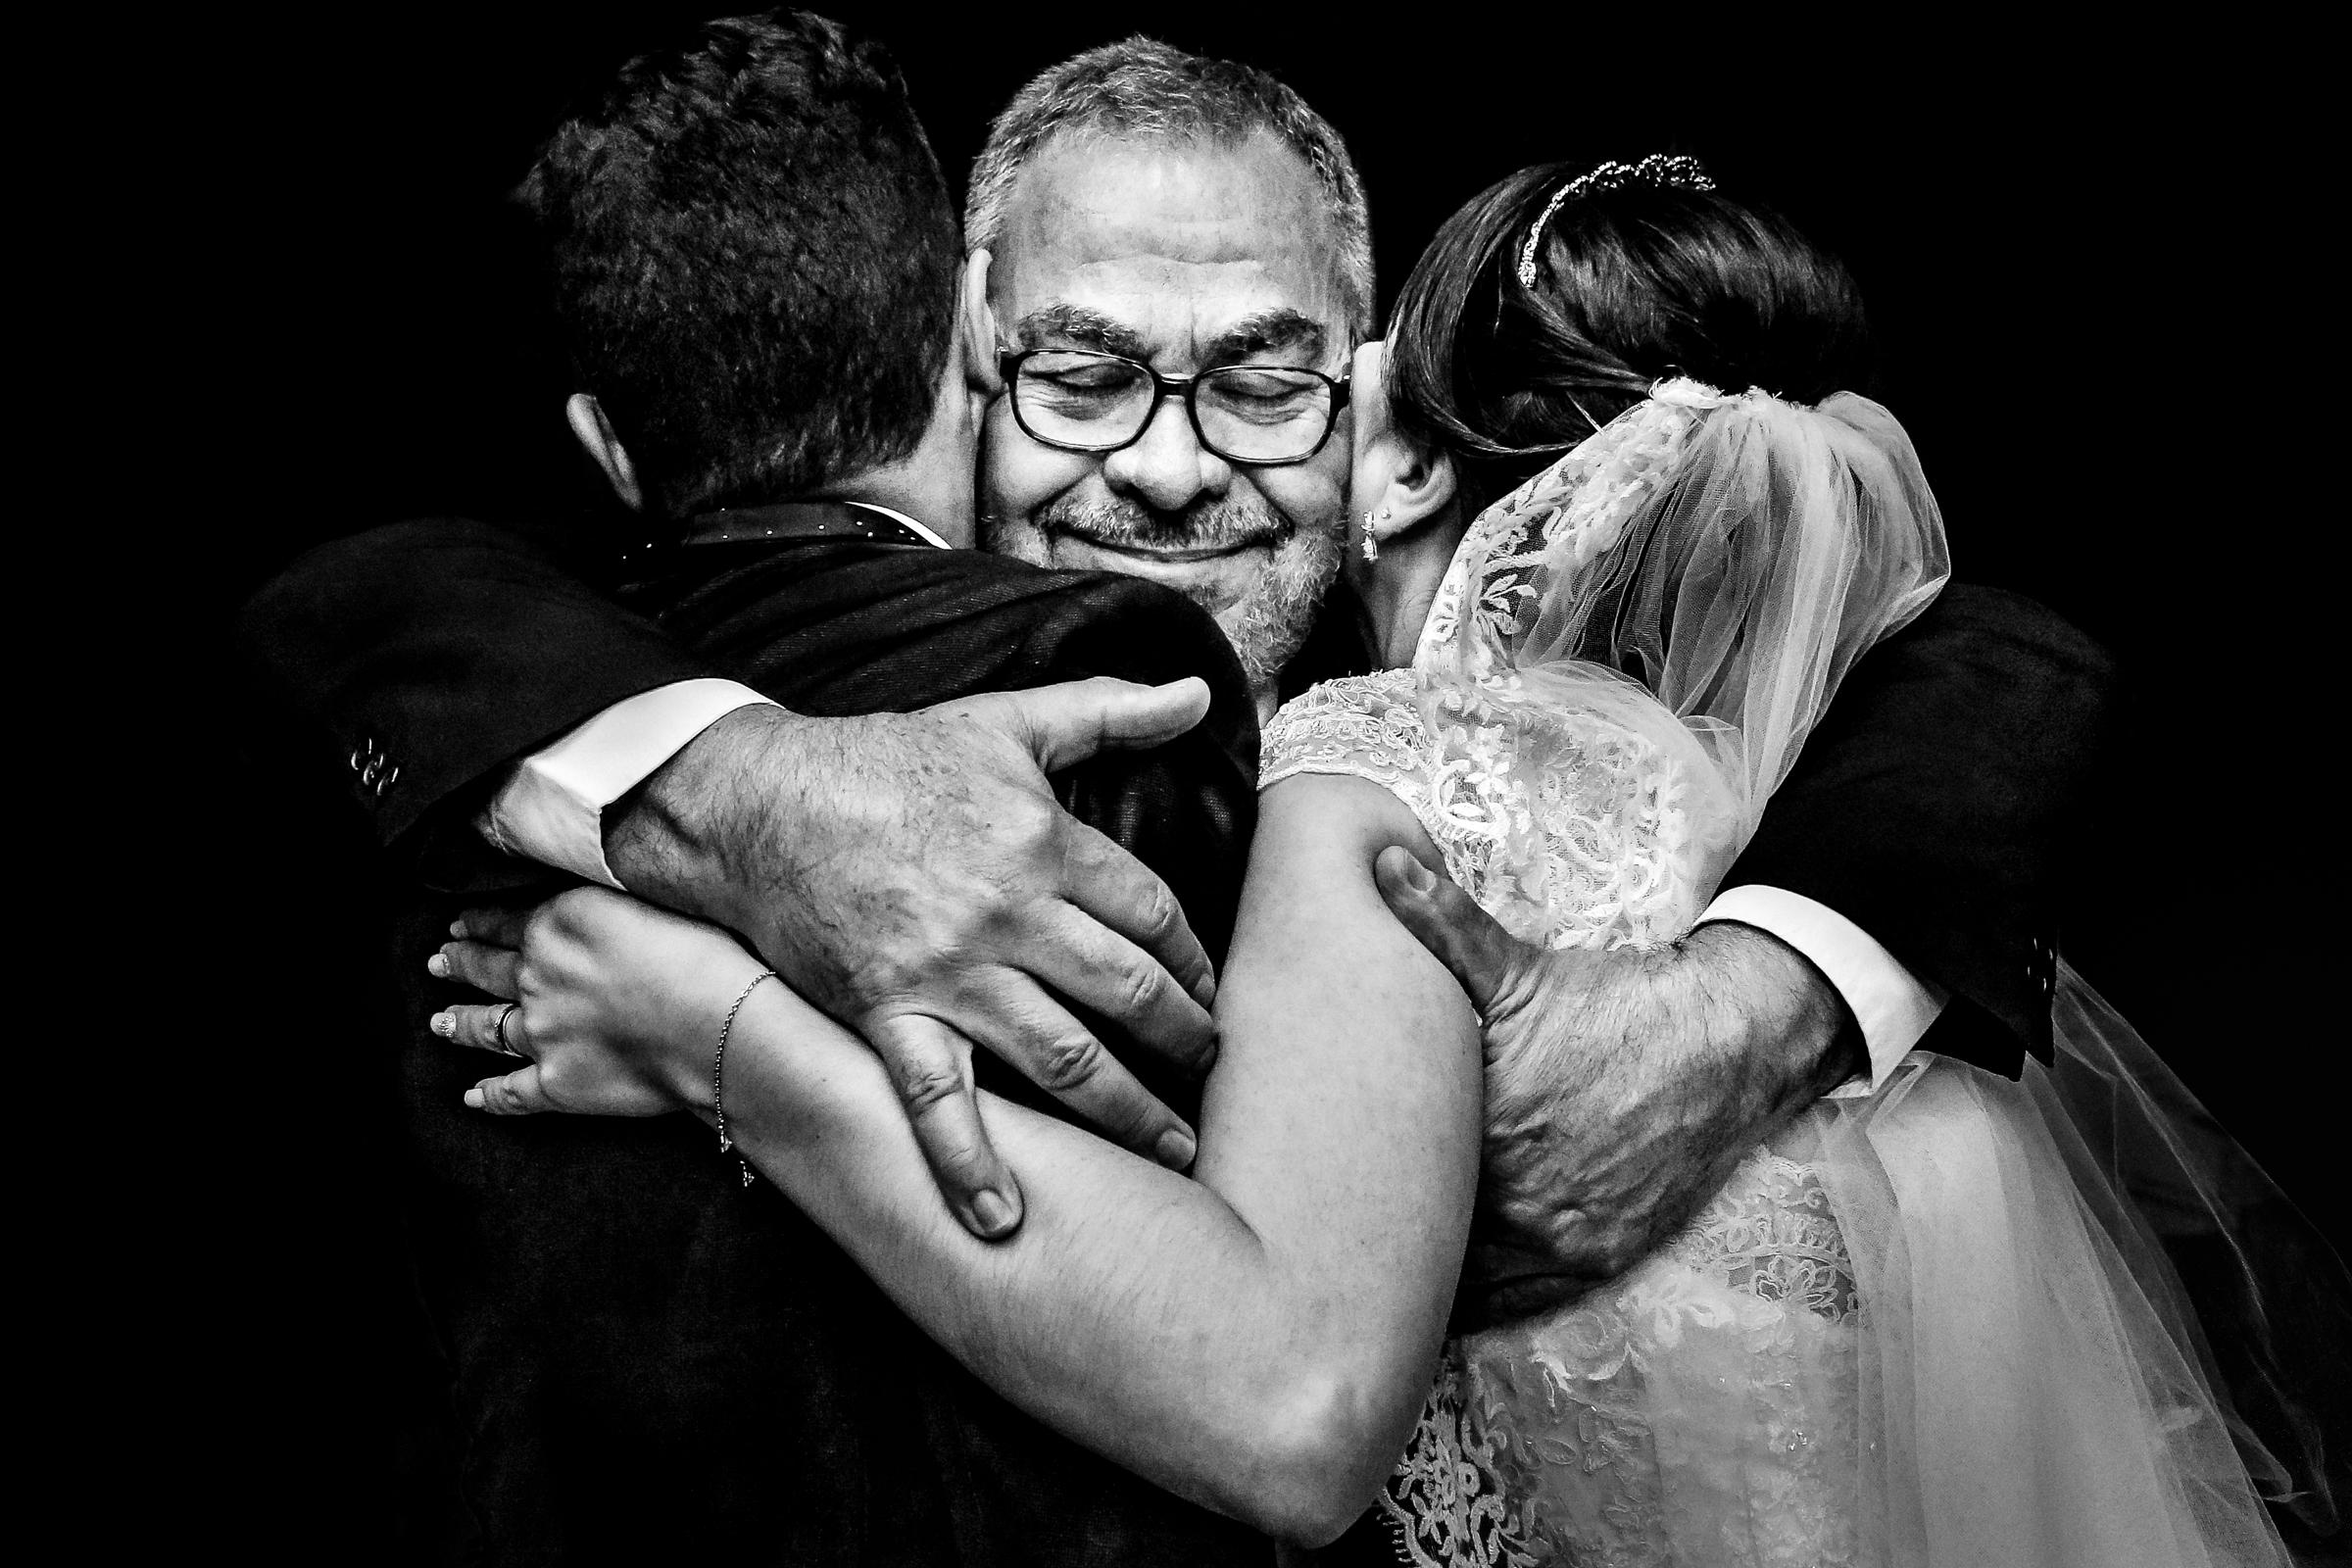 big-hug-for-bride-and-groom-area-da-fotografia